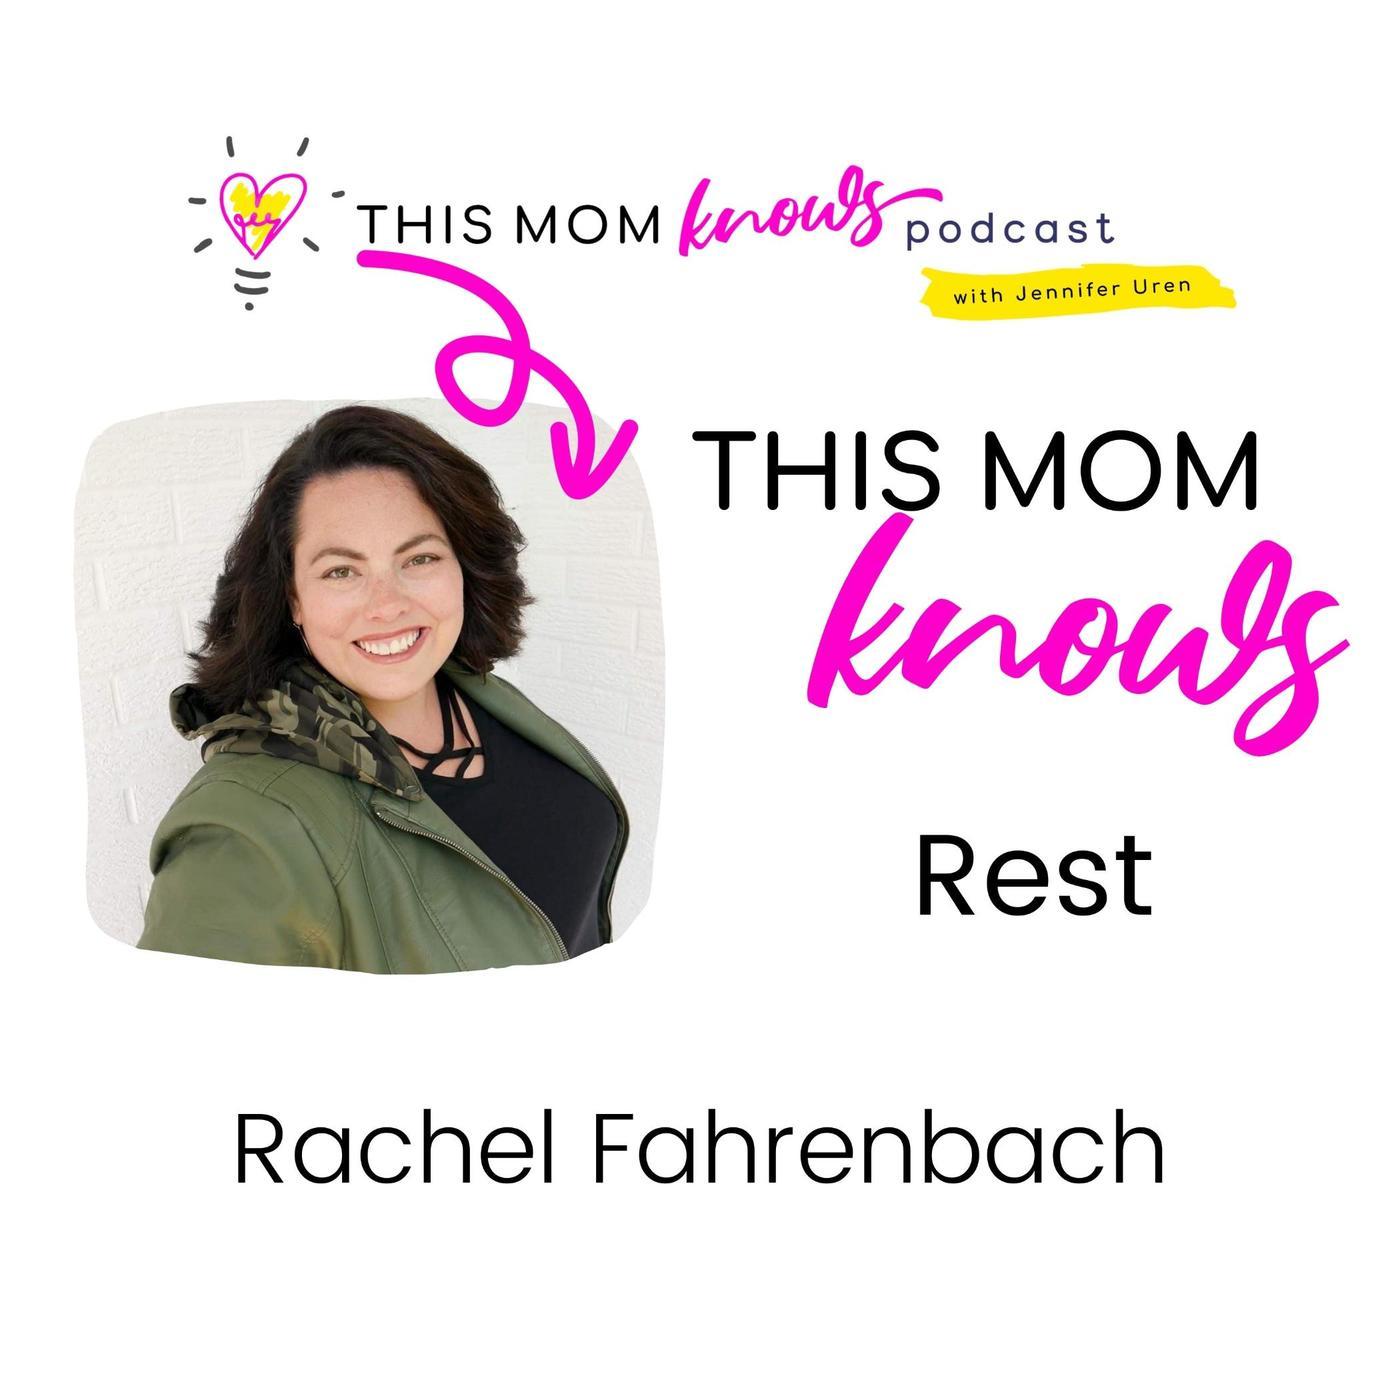 Rachel Fahrenbach on Rest